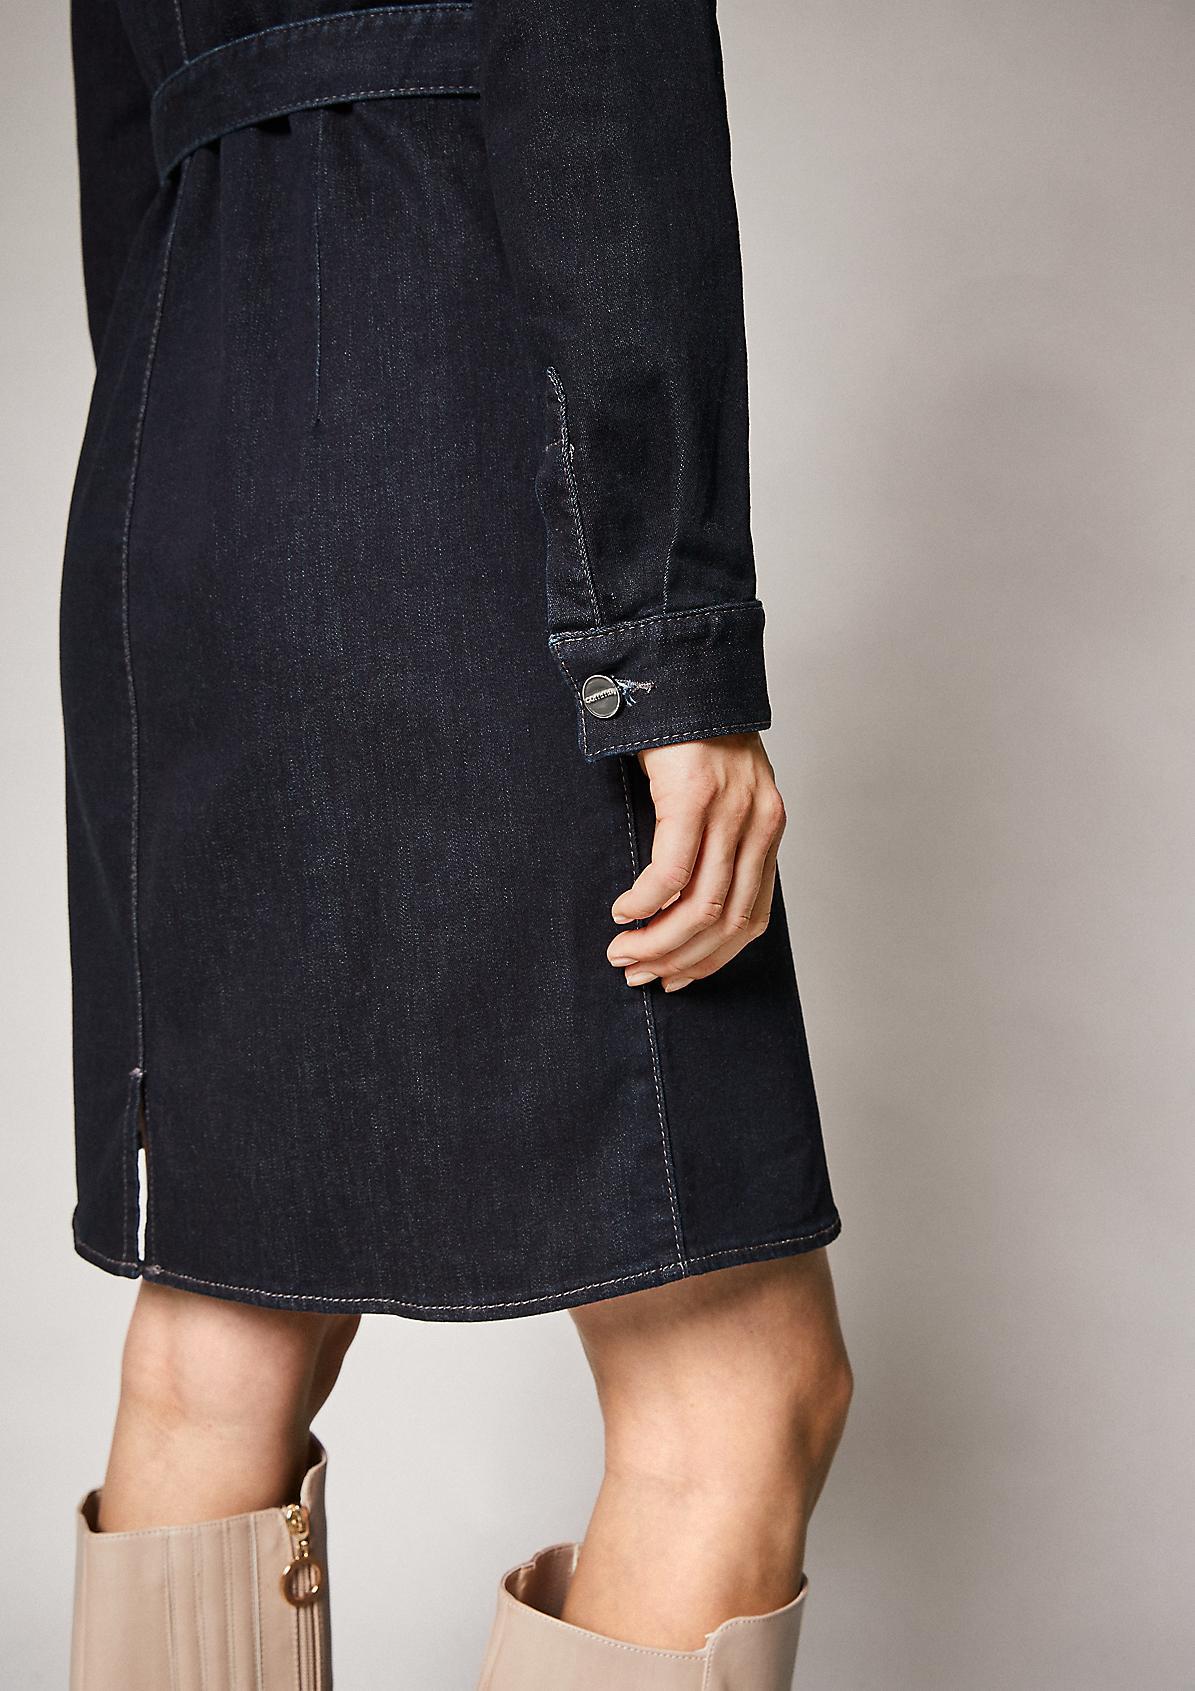 Jeanskleid mit Gürtel